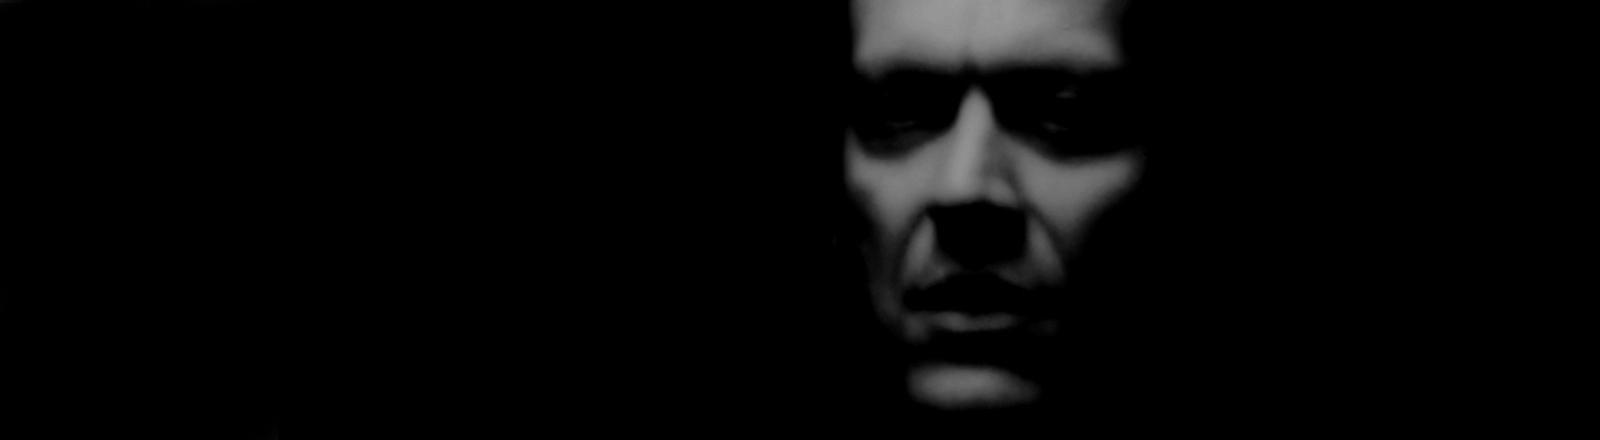 Das unscharfe Gesicht eines Mannes in schwarz/weiß